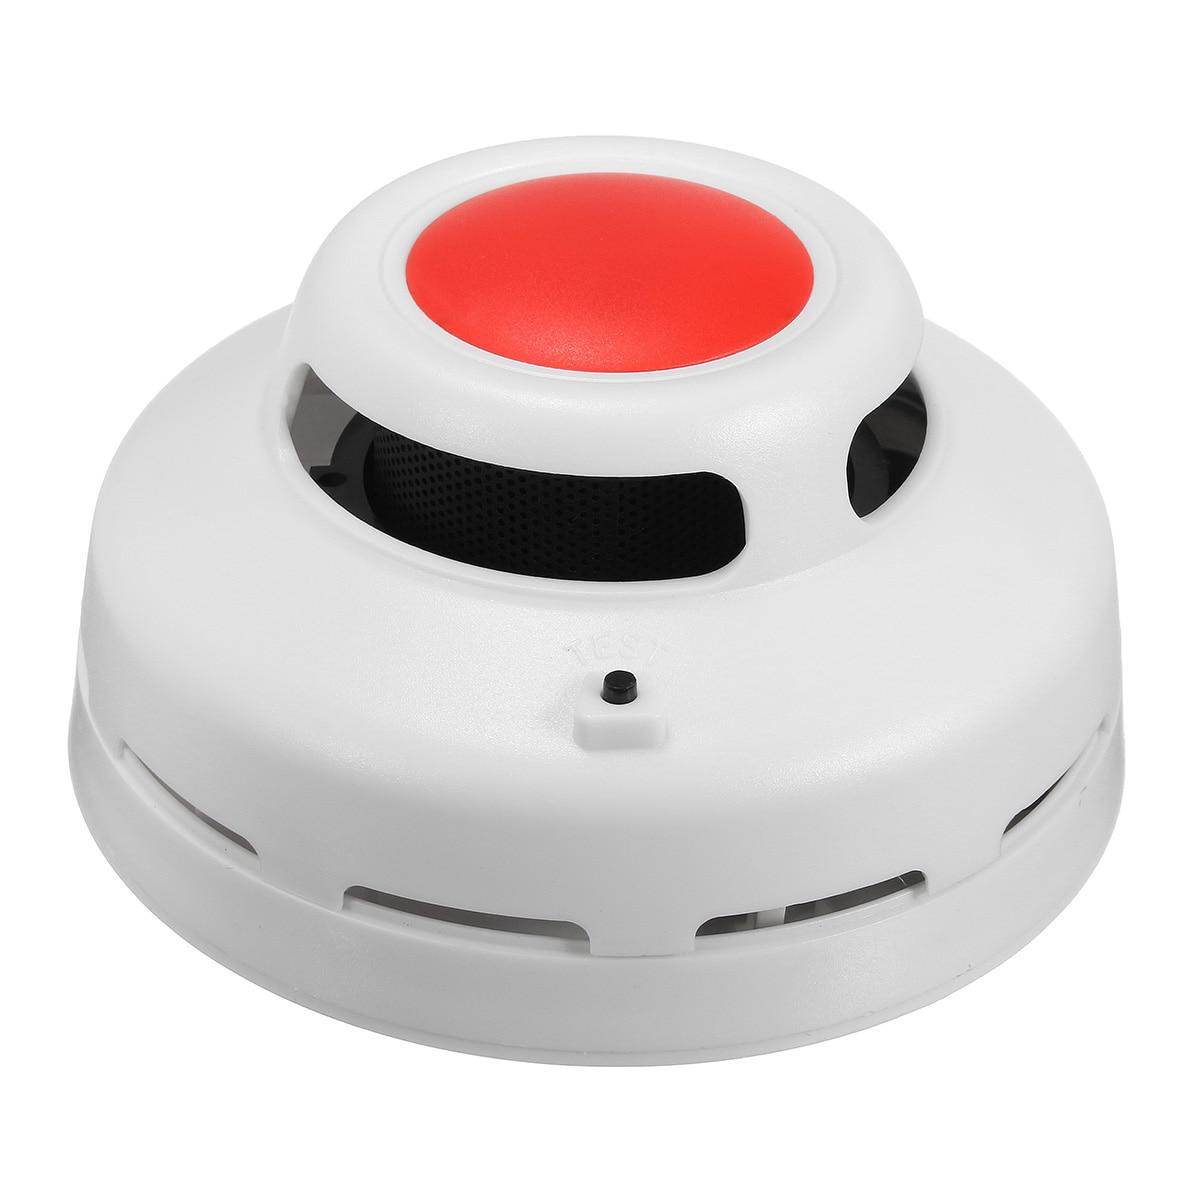 2 in1 Kombination Kohlenmonoxid Und Rauchmelder CO & Rauchmelder Startseite Sicherheit Warnung Alarm